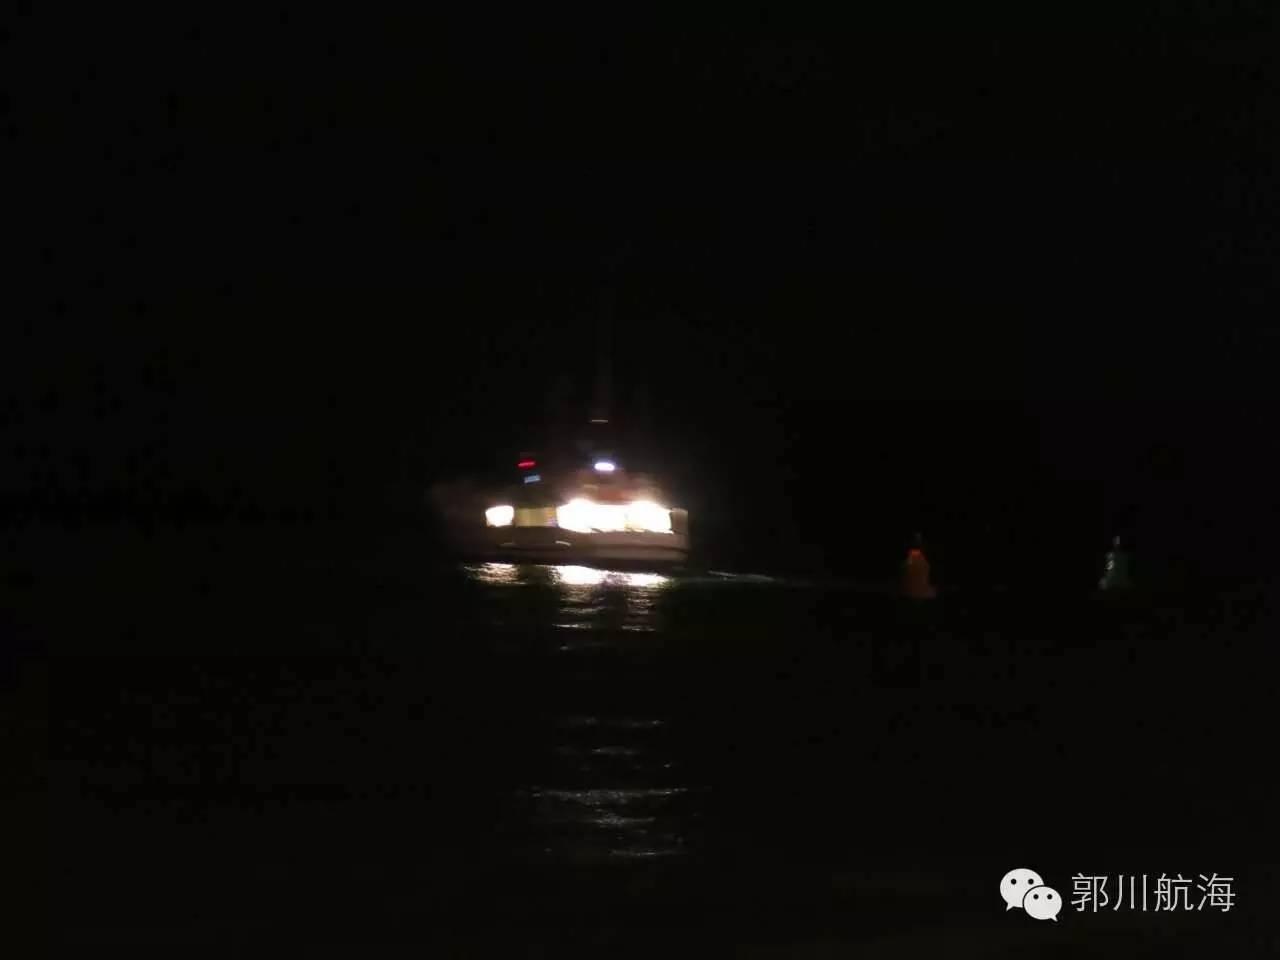 启航搜救郭川船长并营救超级三体船 609caf065df6b0f764871a9a889de5c7.jpg